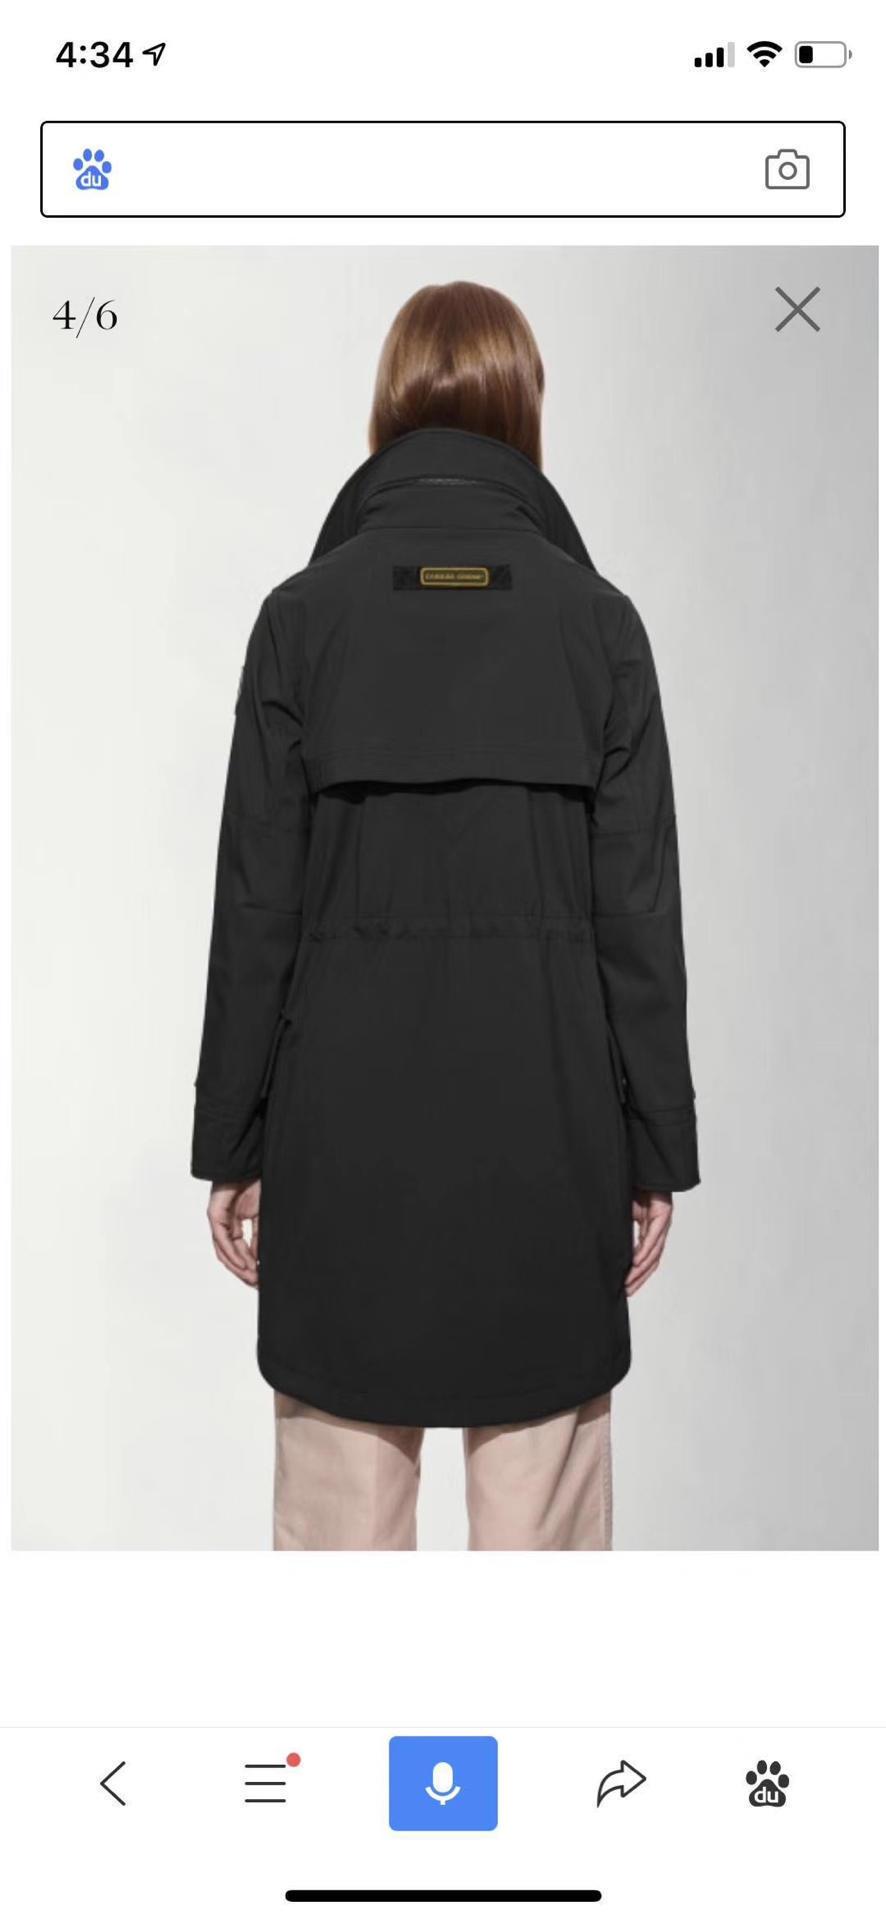 Kadınlar Marka giyim Aşağı Rahat Ceket Aşağı Palto Açık kış Sıcak Tüy kadın Kış Coat dış giyim Ceketler 259